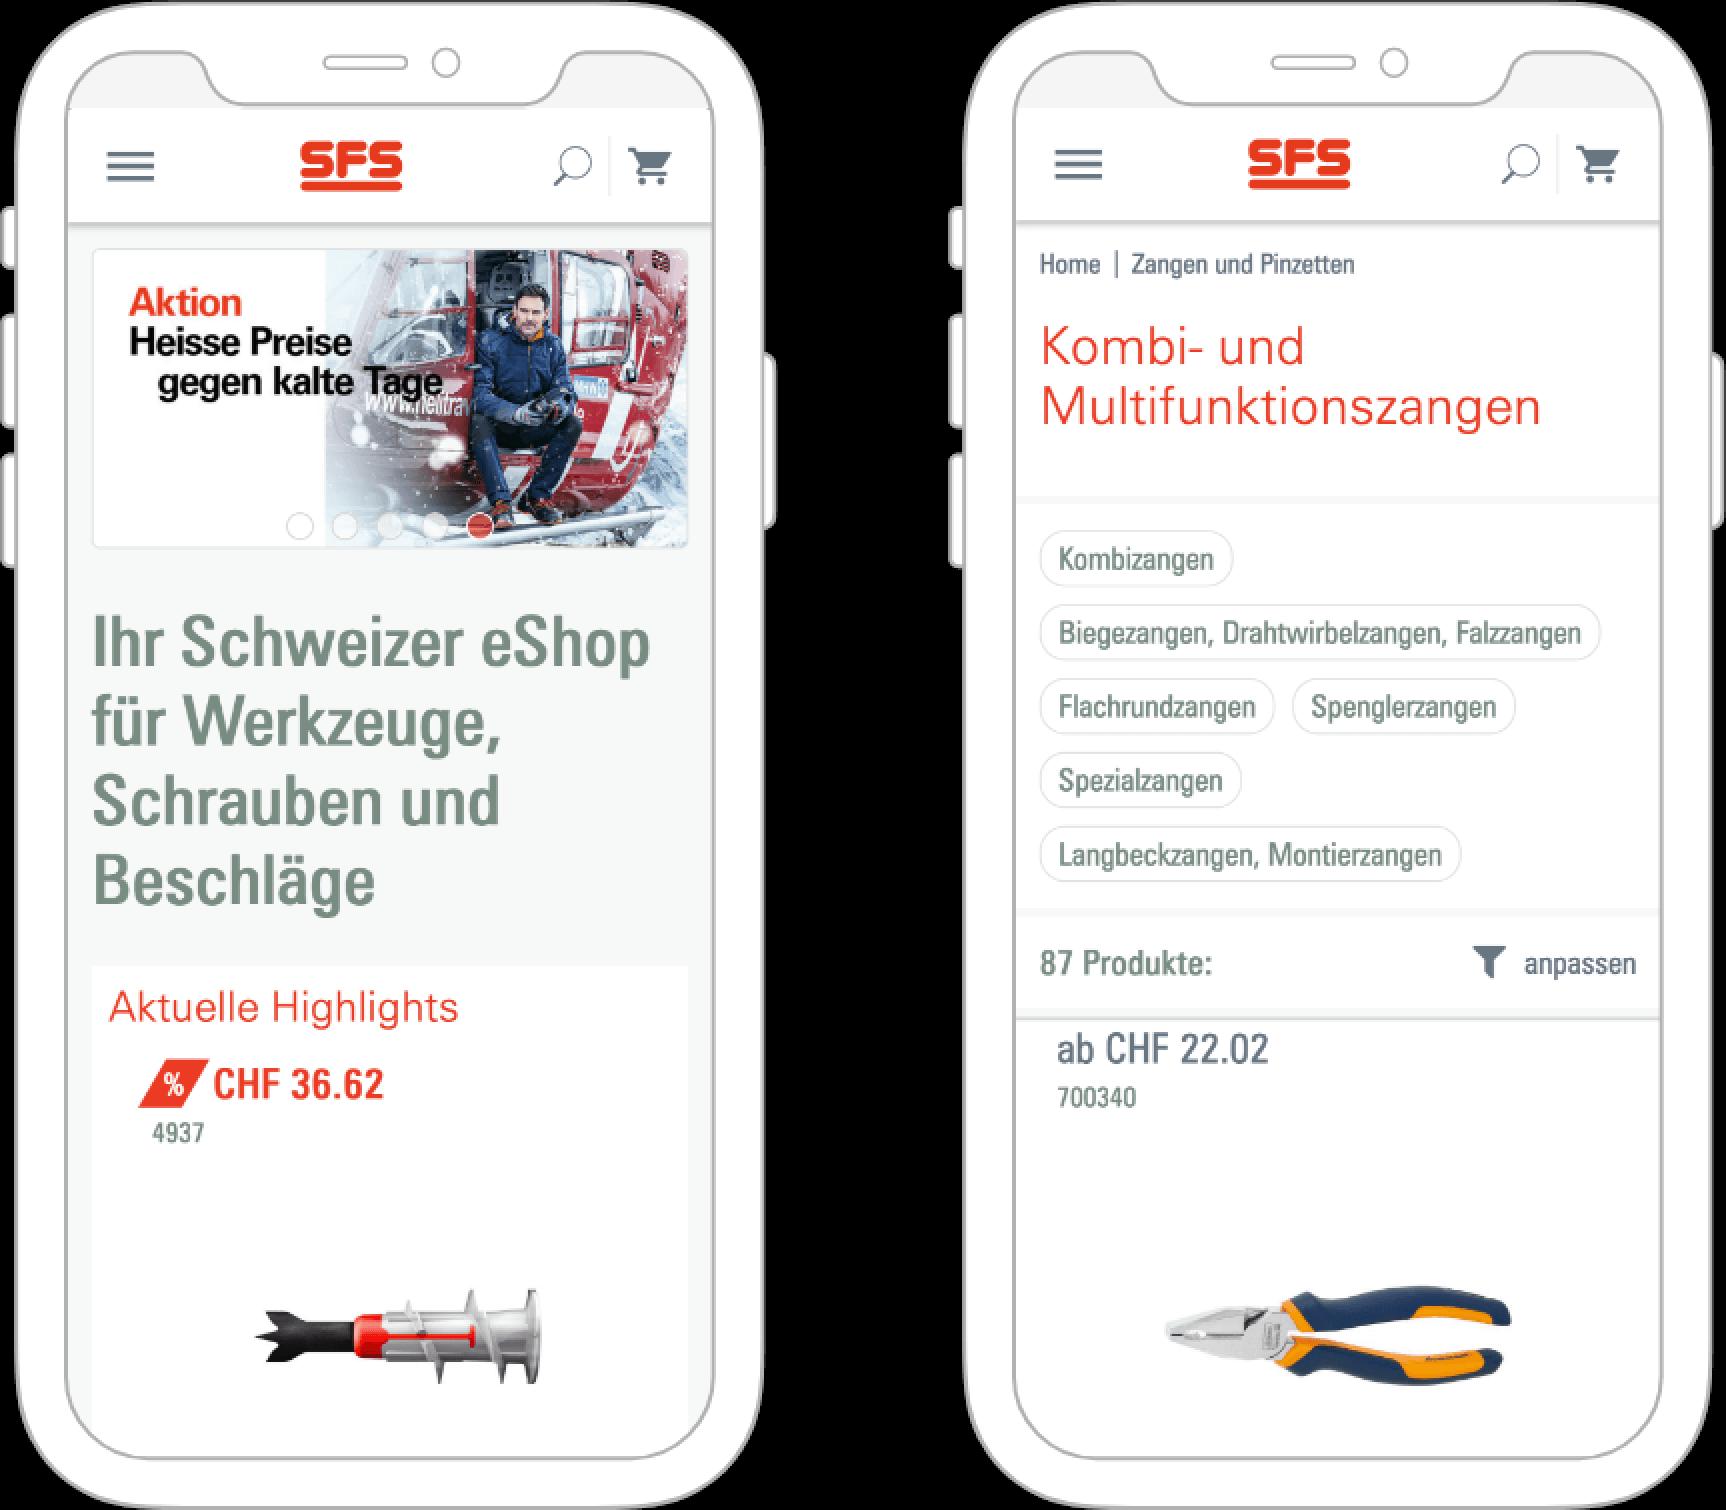 Bild eines Smartphones mit Screenshot von SFS Website, valantic Case Study